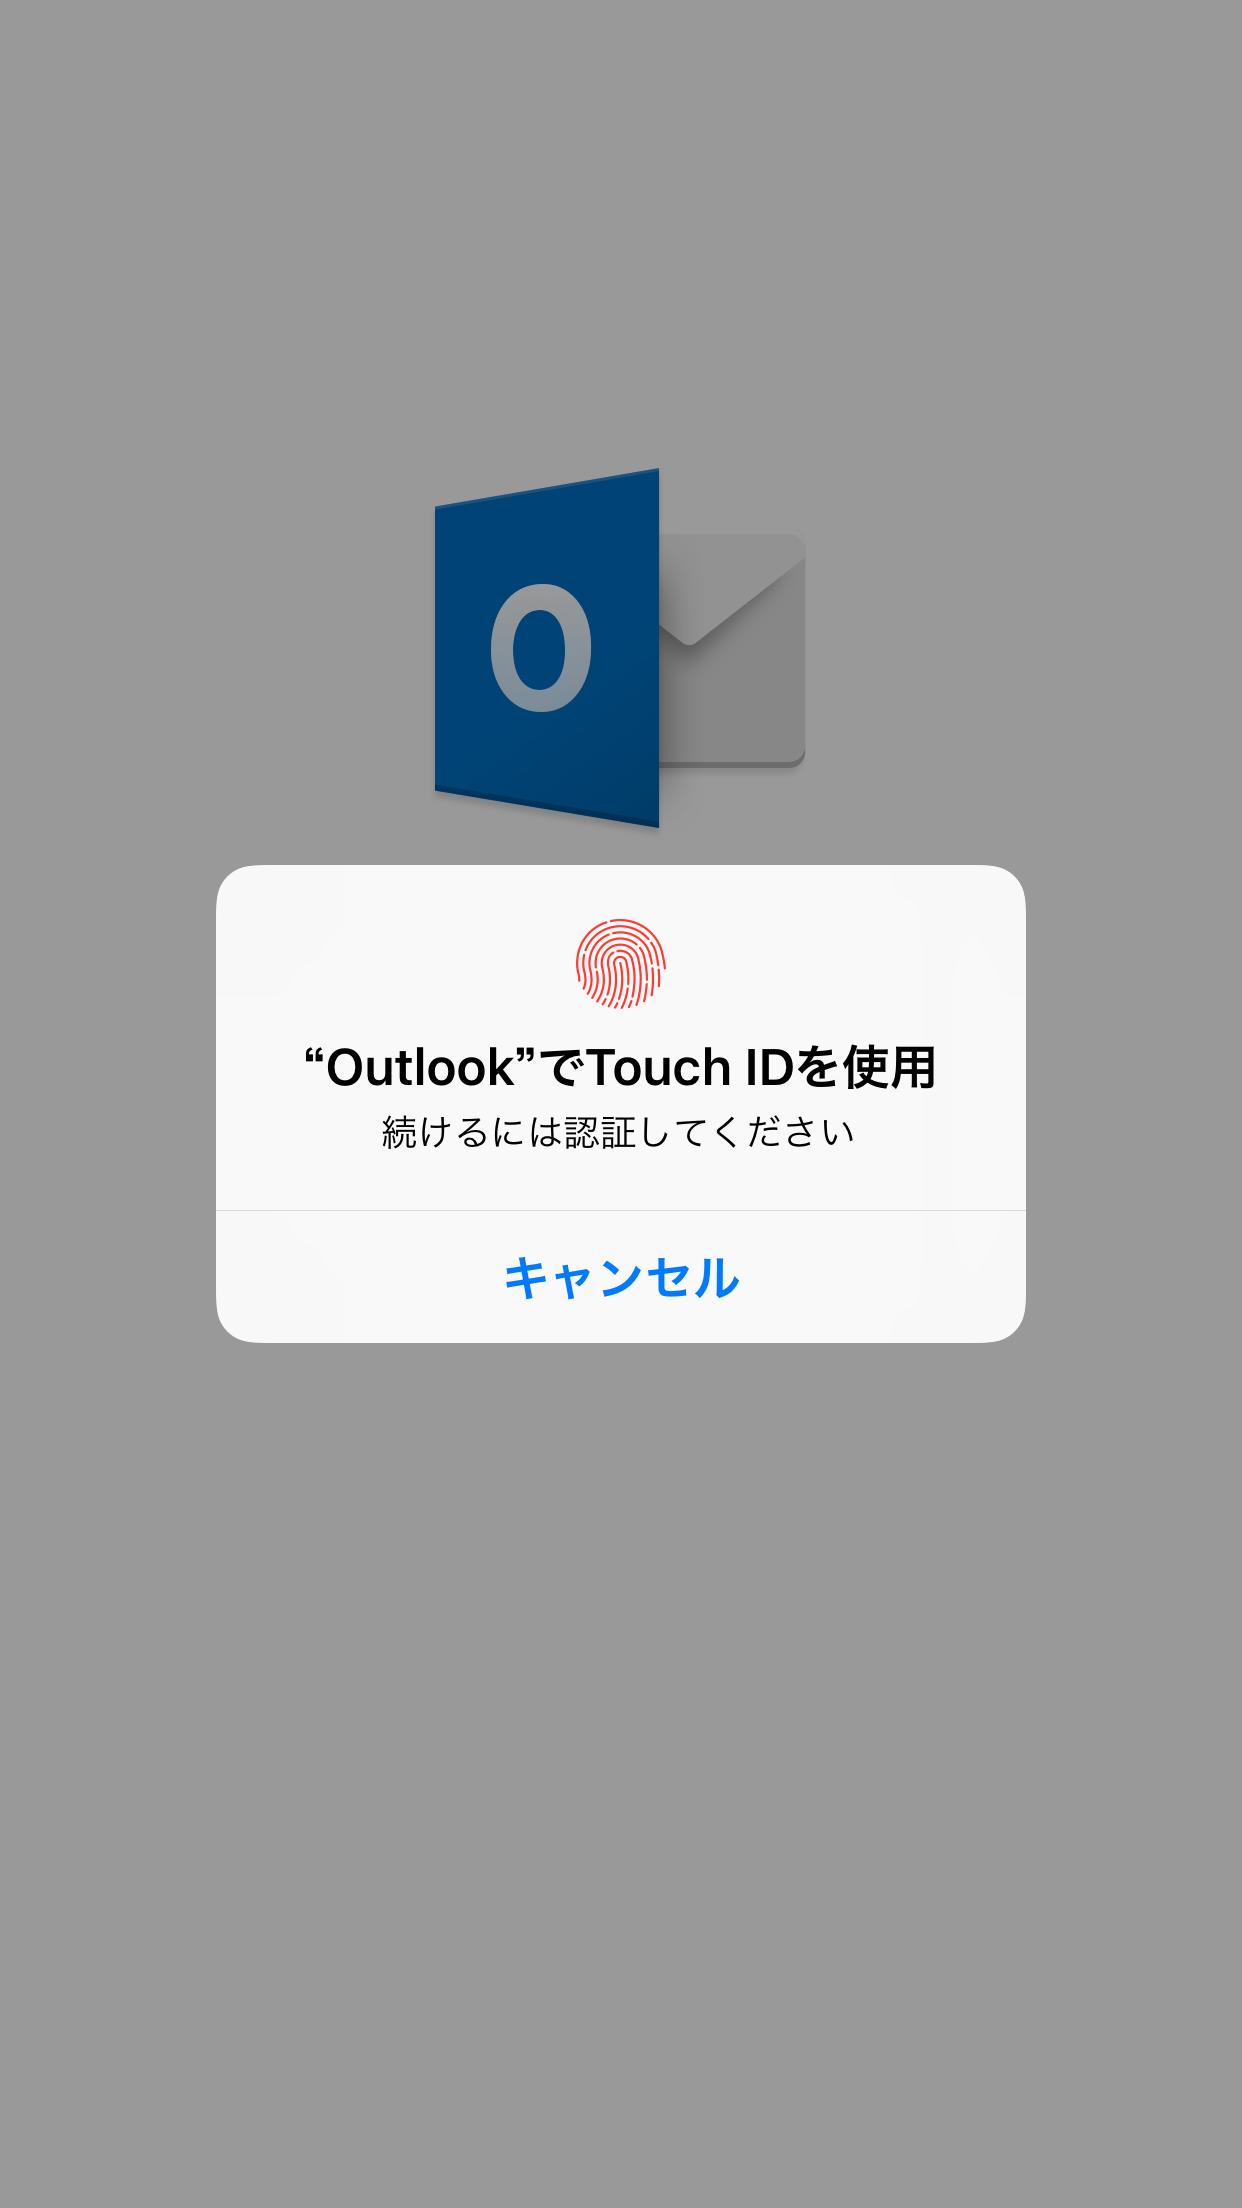 起動時認証にTouch IDを設定して、むやみに見られないような配慮も